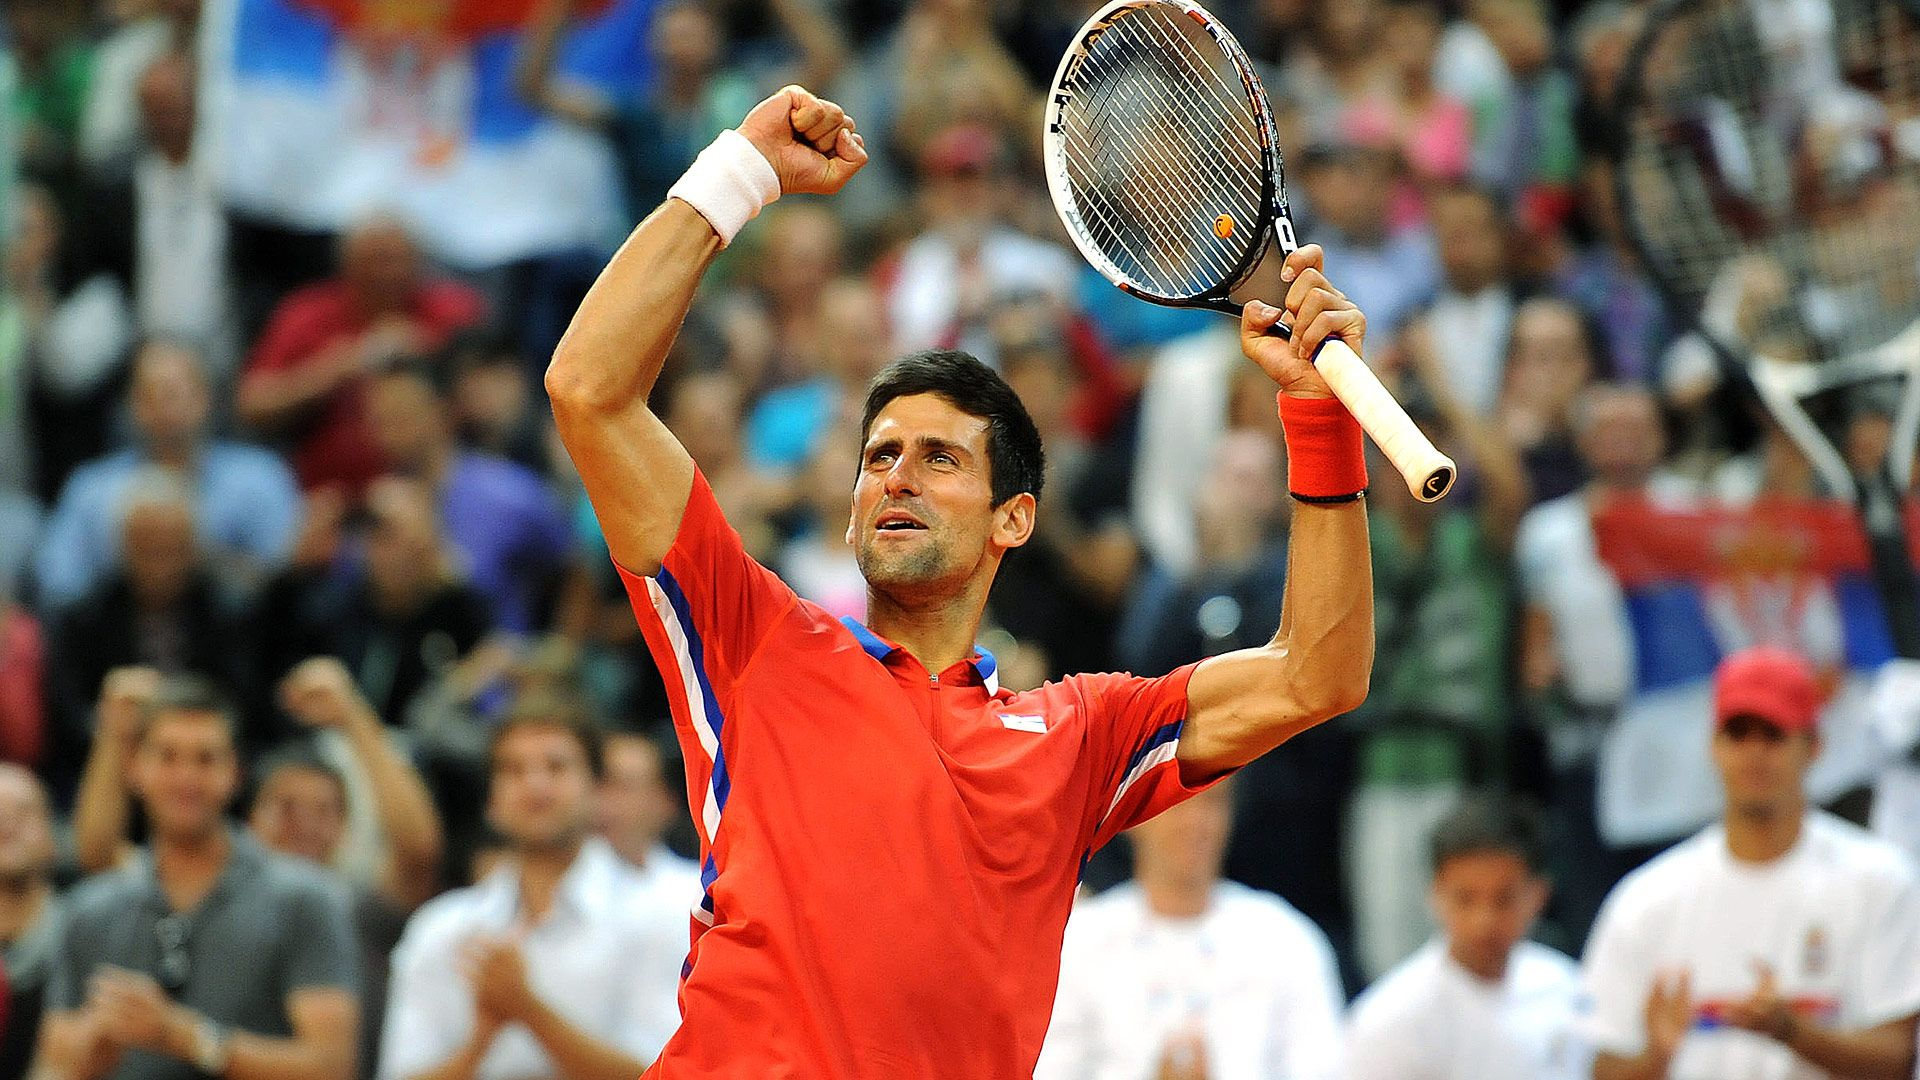 Novak Djokovic's long-term future at No. 1